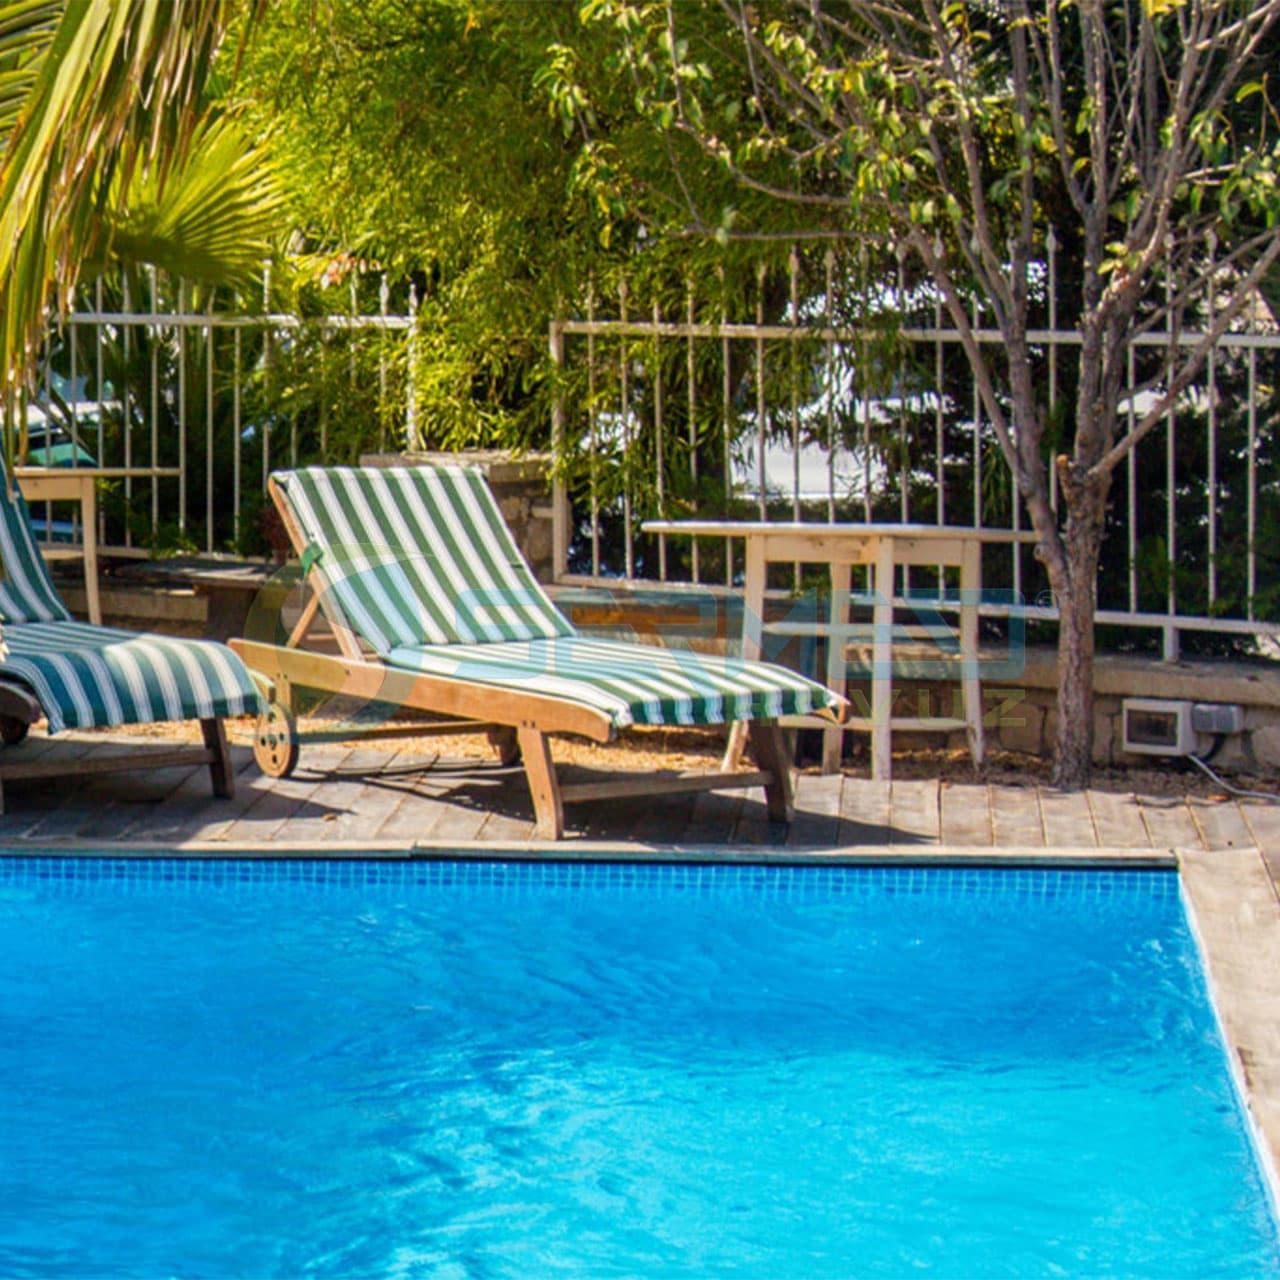 fipool Skimmerli Panel havuz Alacati Agustos Otel uygulaması sermed havuz tarafından yapıldı.